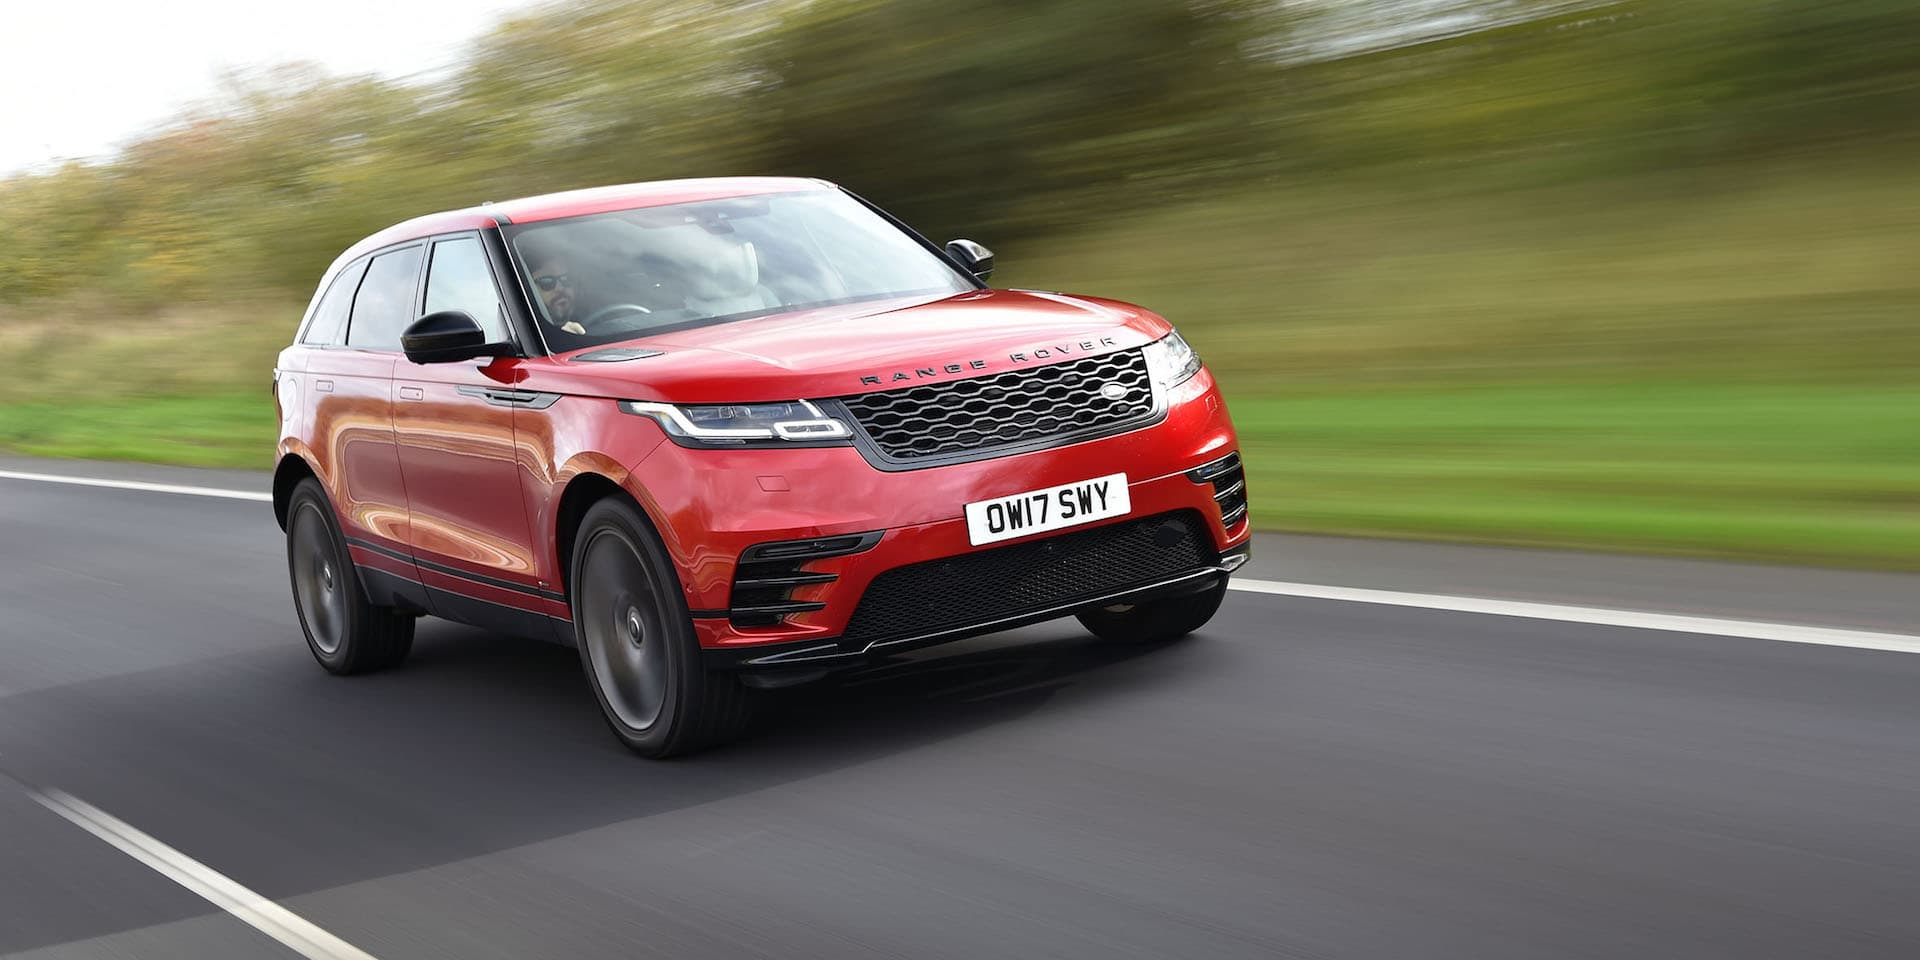 Range Rover Velar Review The Car Expert